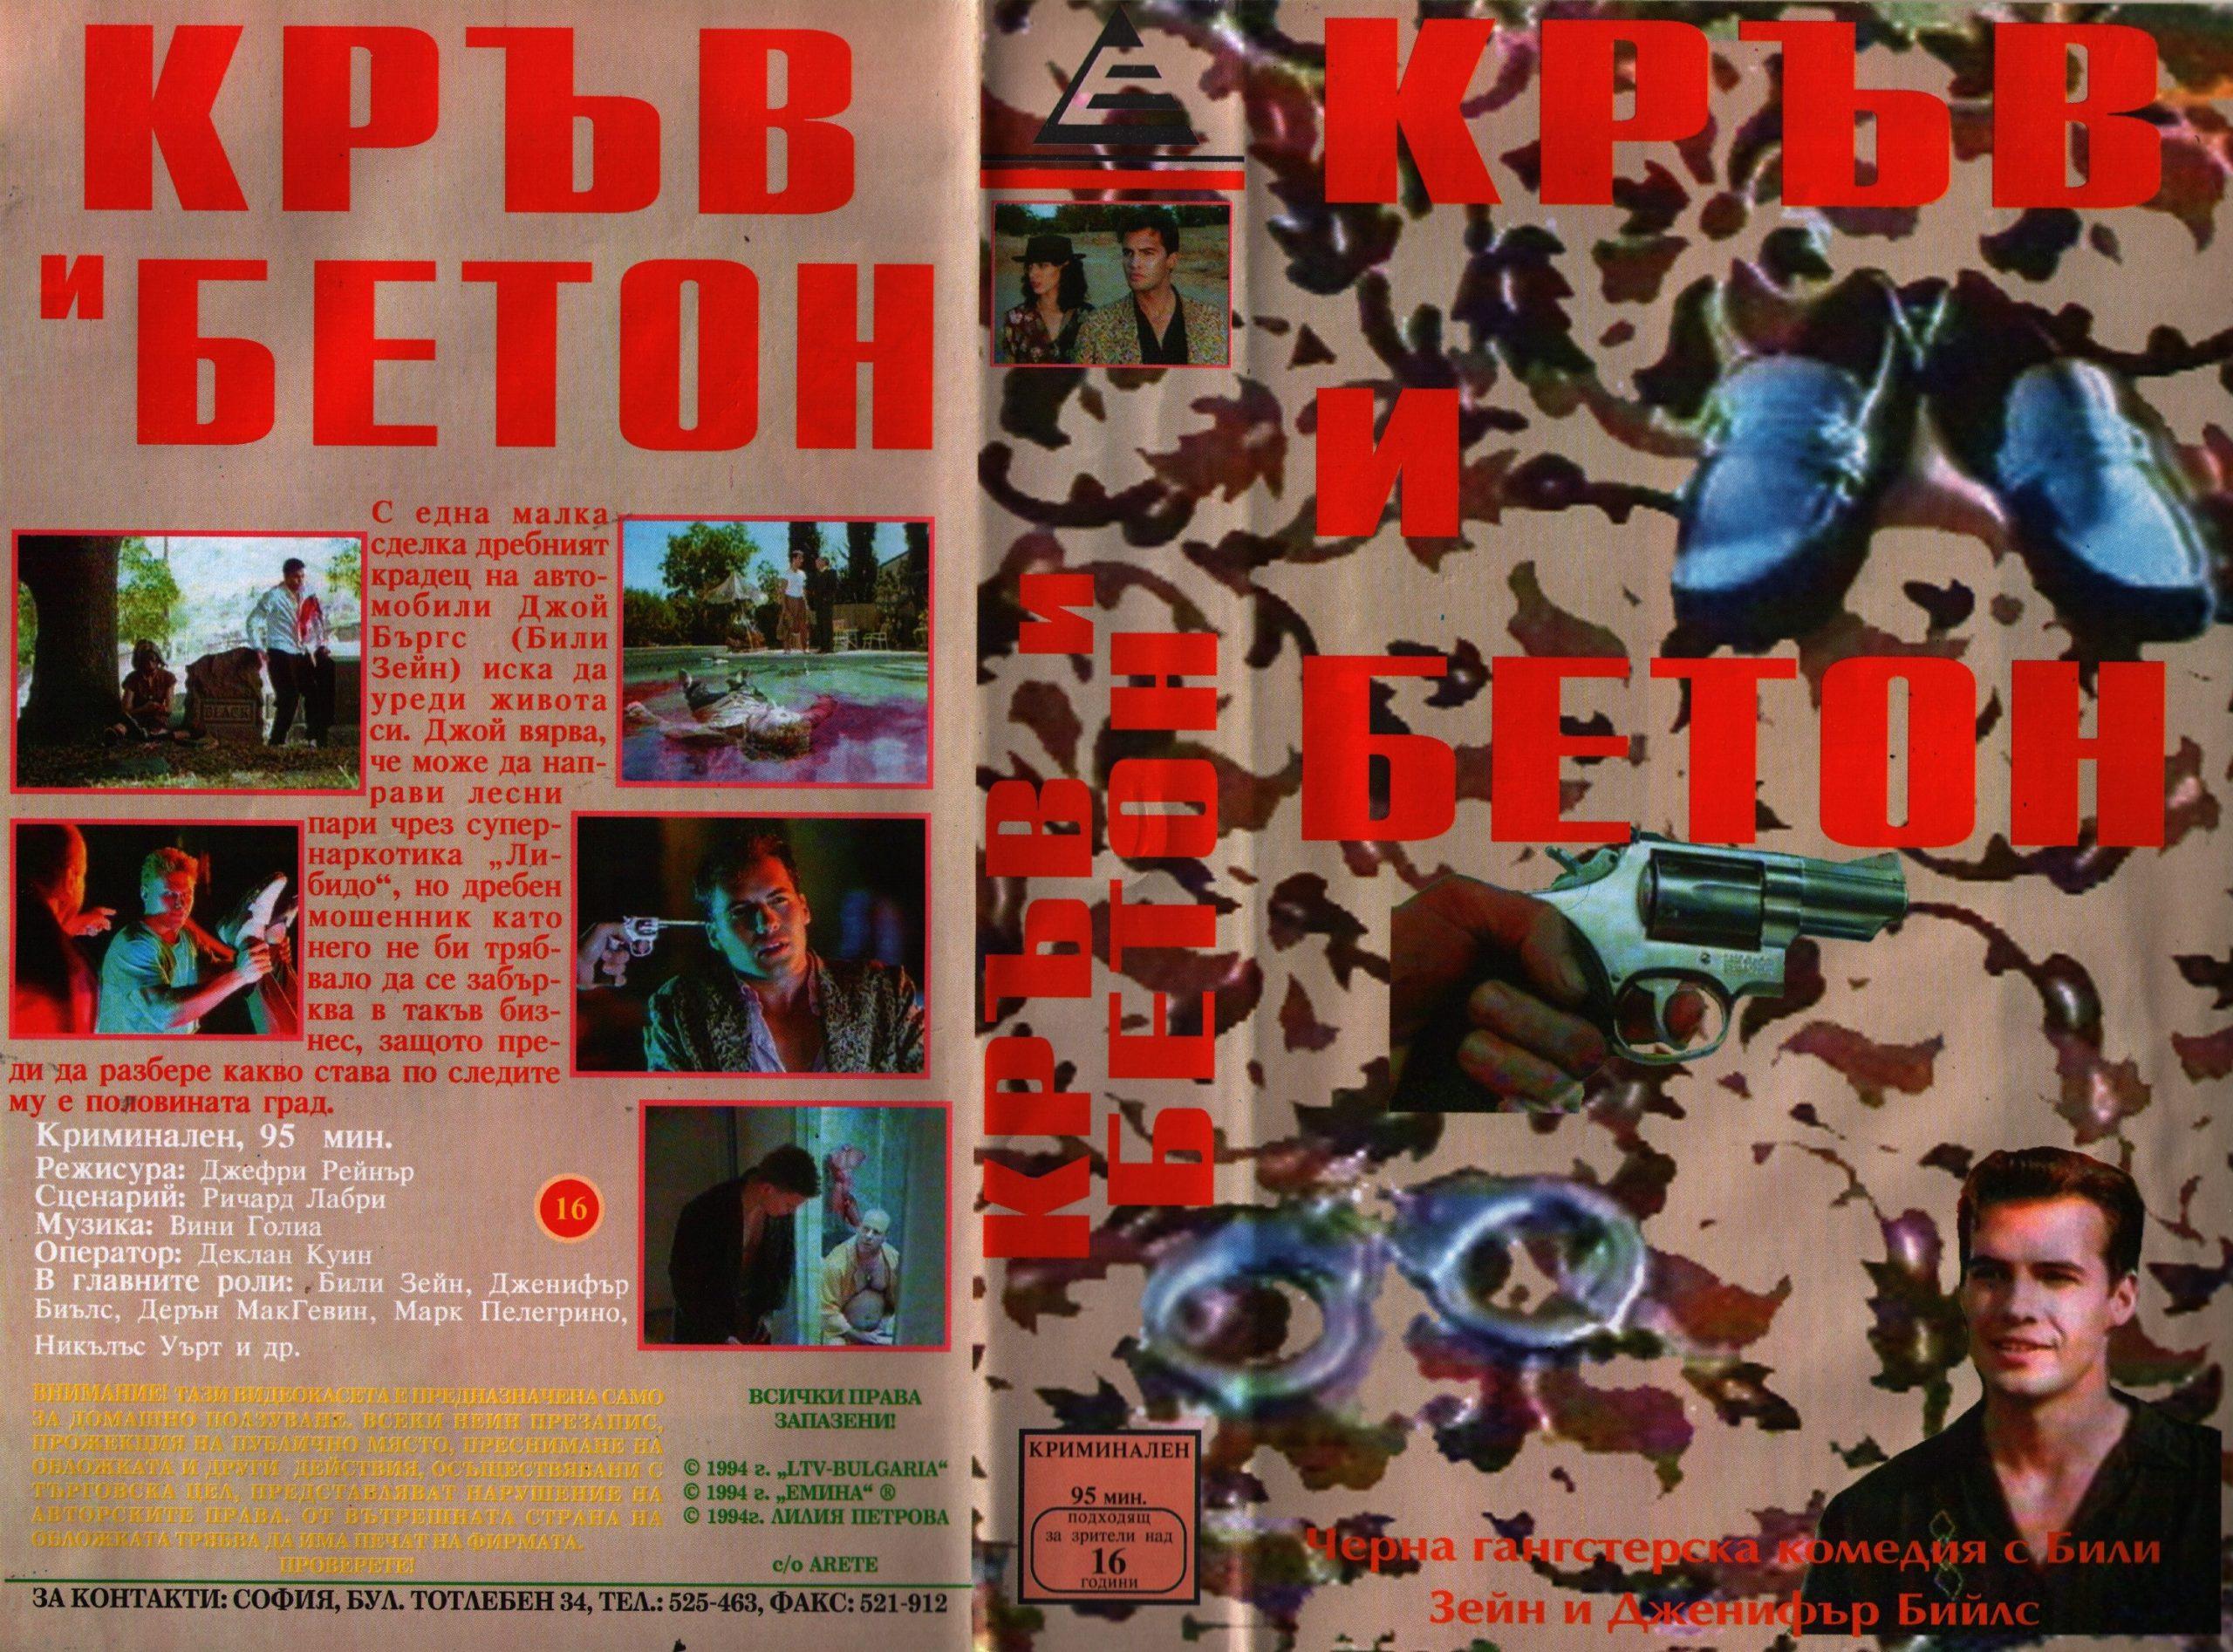 Кръв и бетон филм